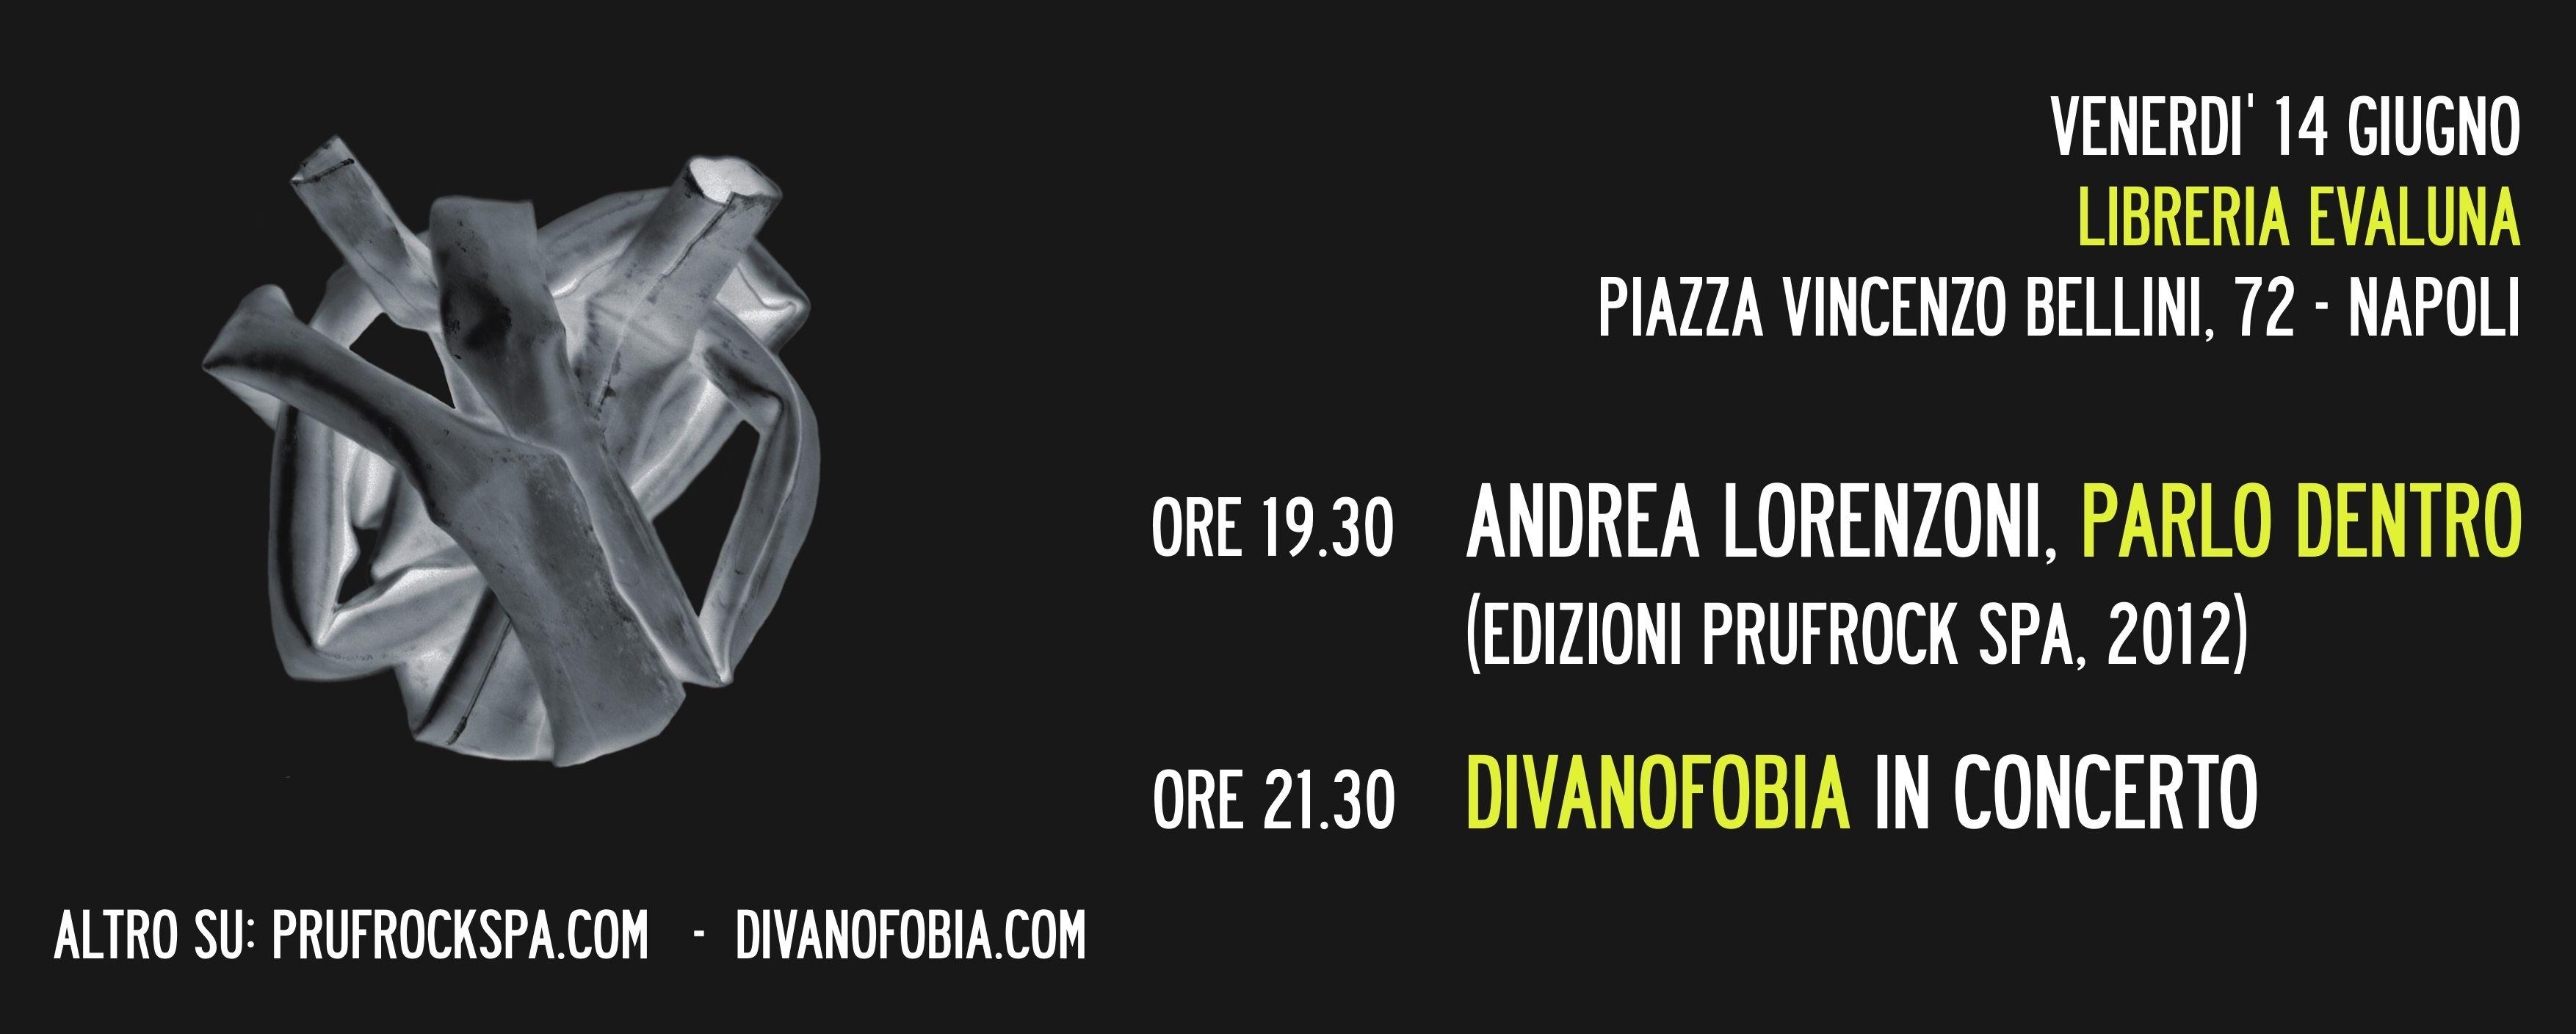 2013 06 14  DIVANOFOBIA ANDREA LORENZONI